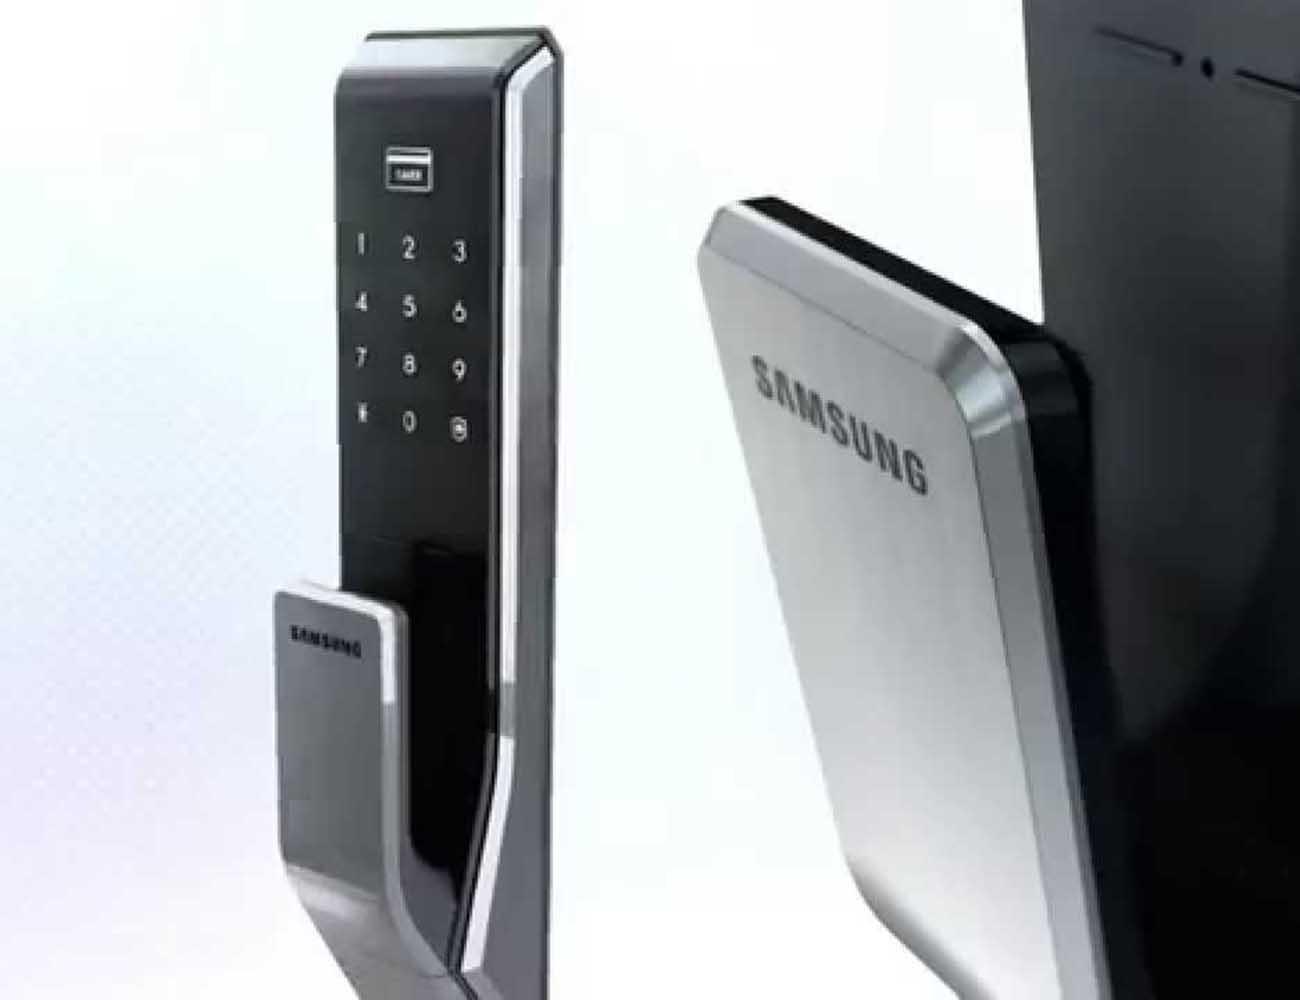 Samsung Two Way Fingerprint Door Lock